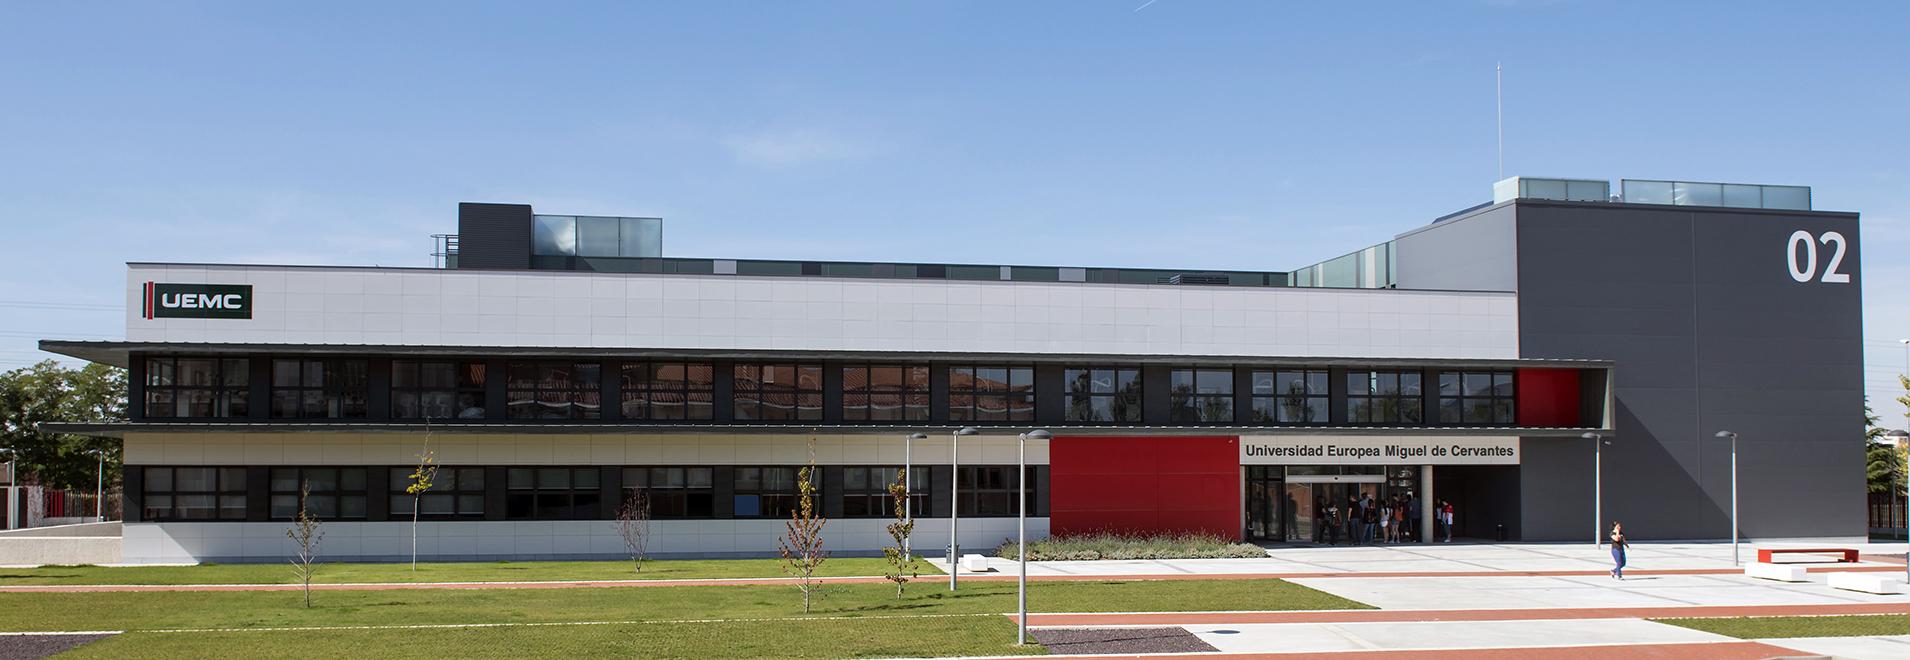 UEMC_Campus